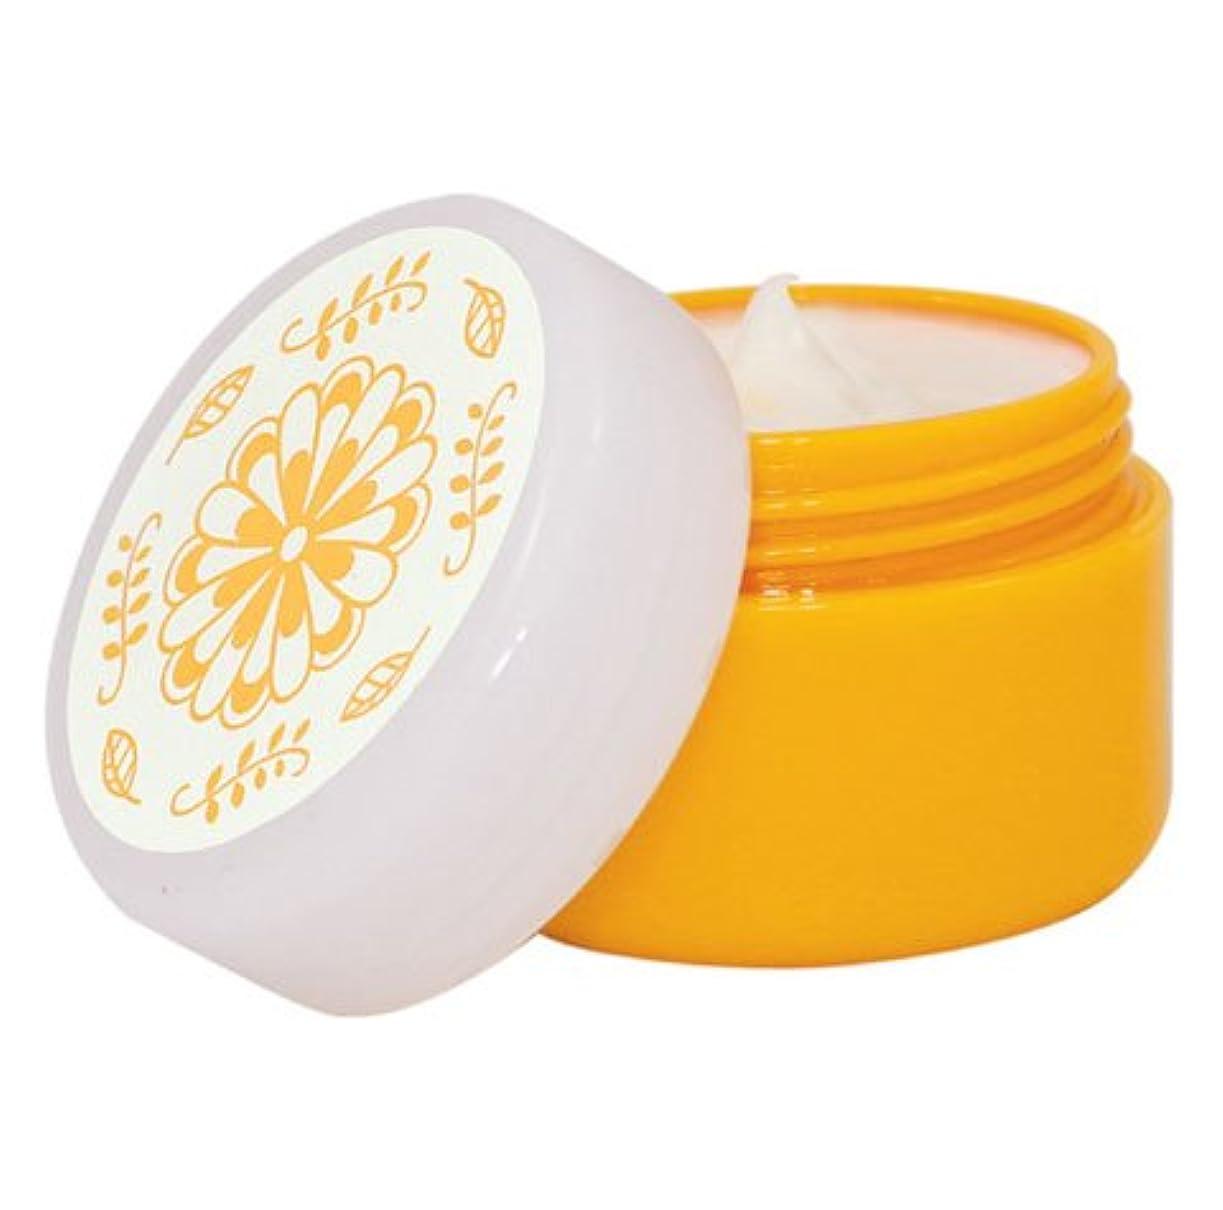 ゴールドコスメ 夏のクリーム 40g